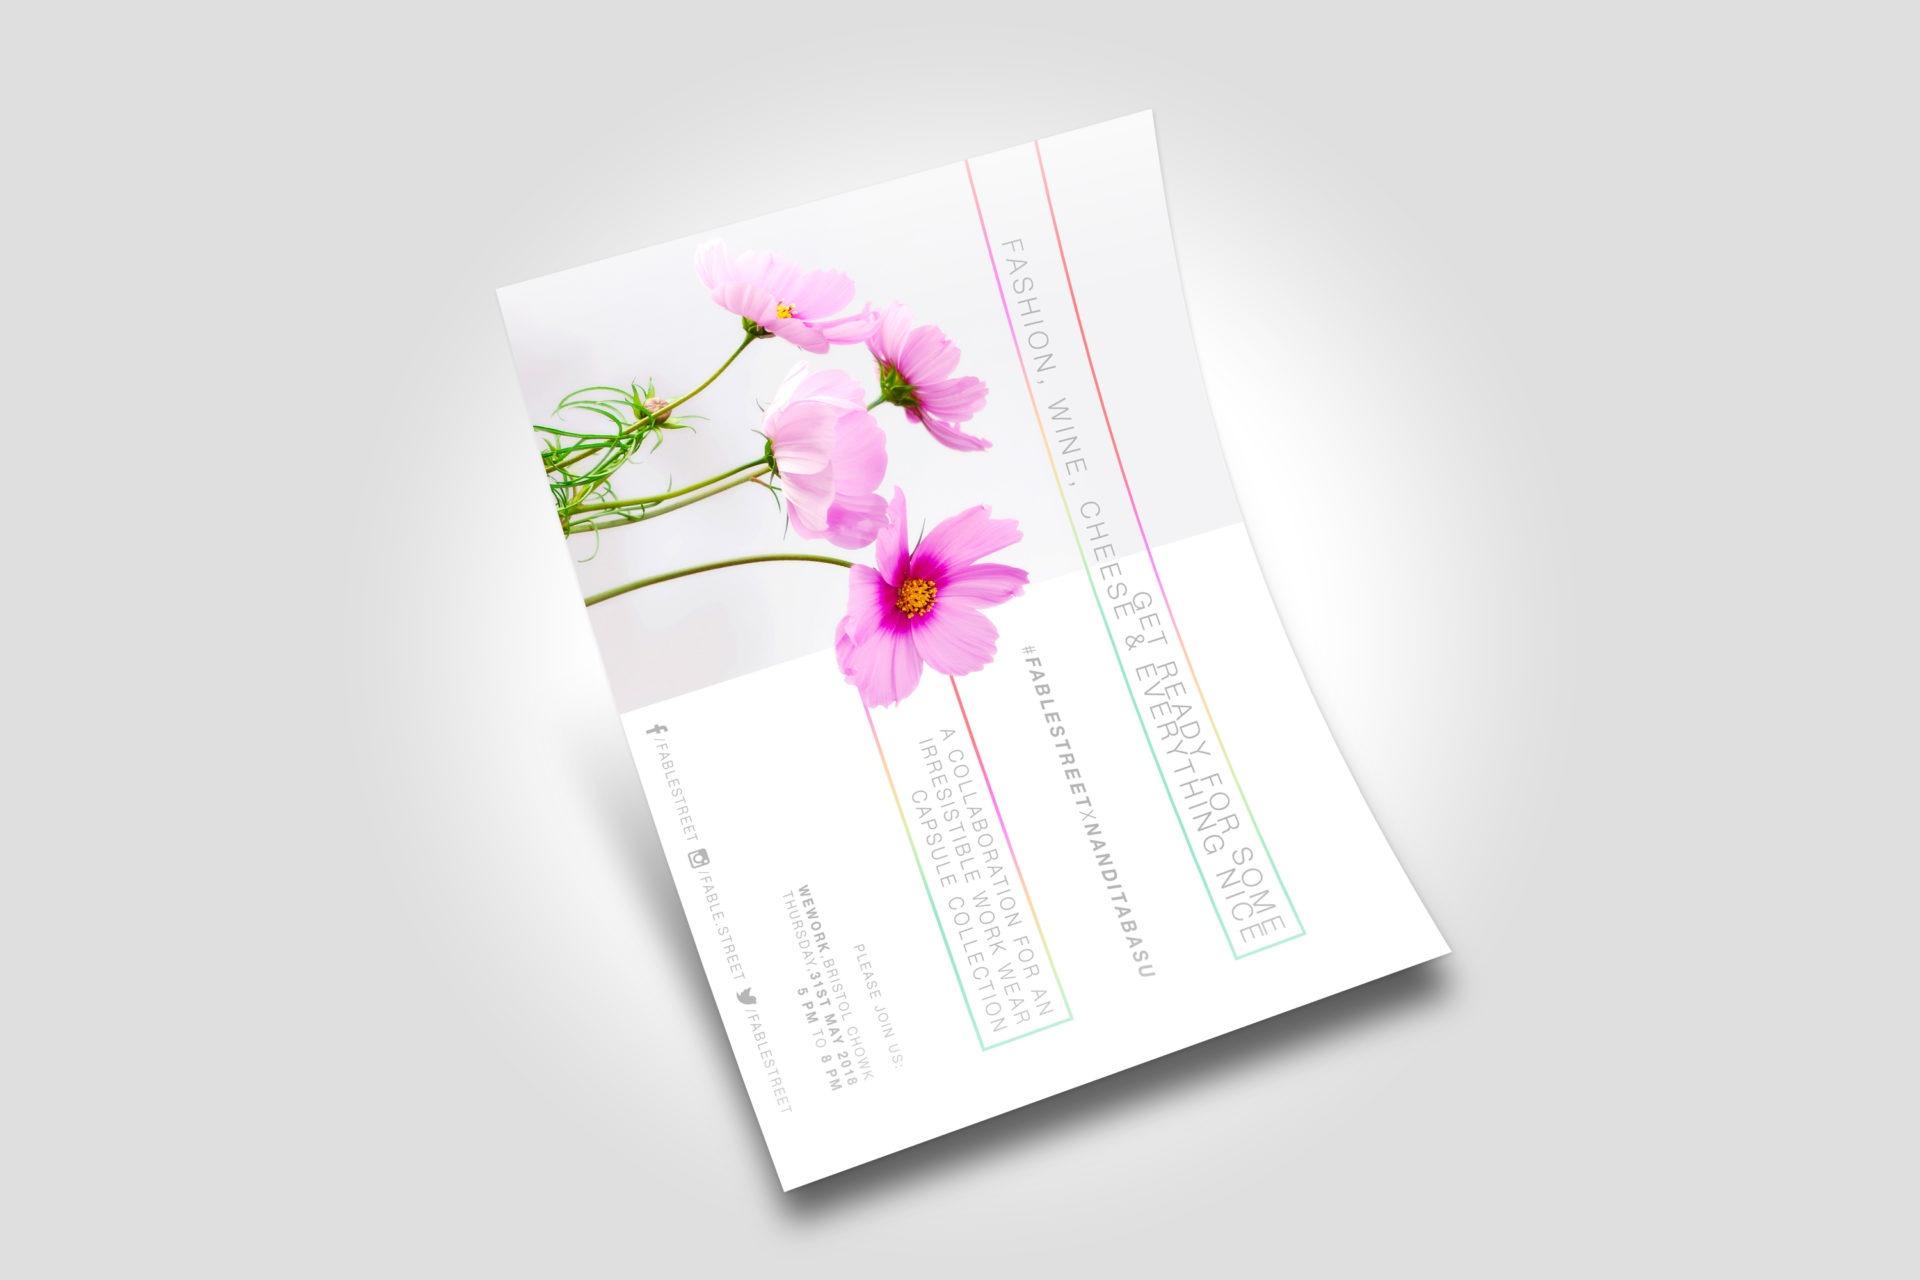 ScrollMantra/Mockups Design